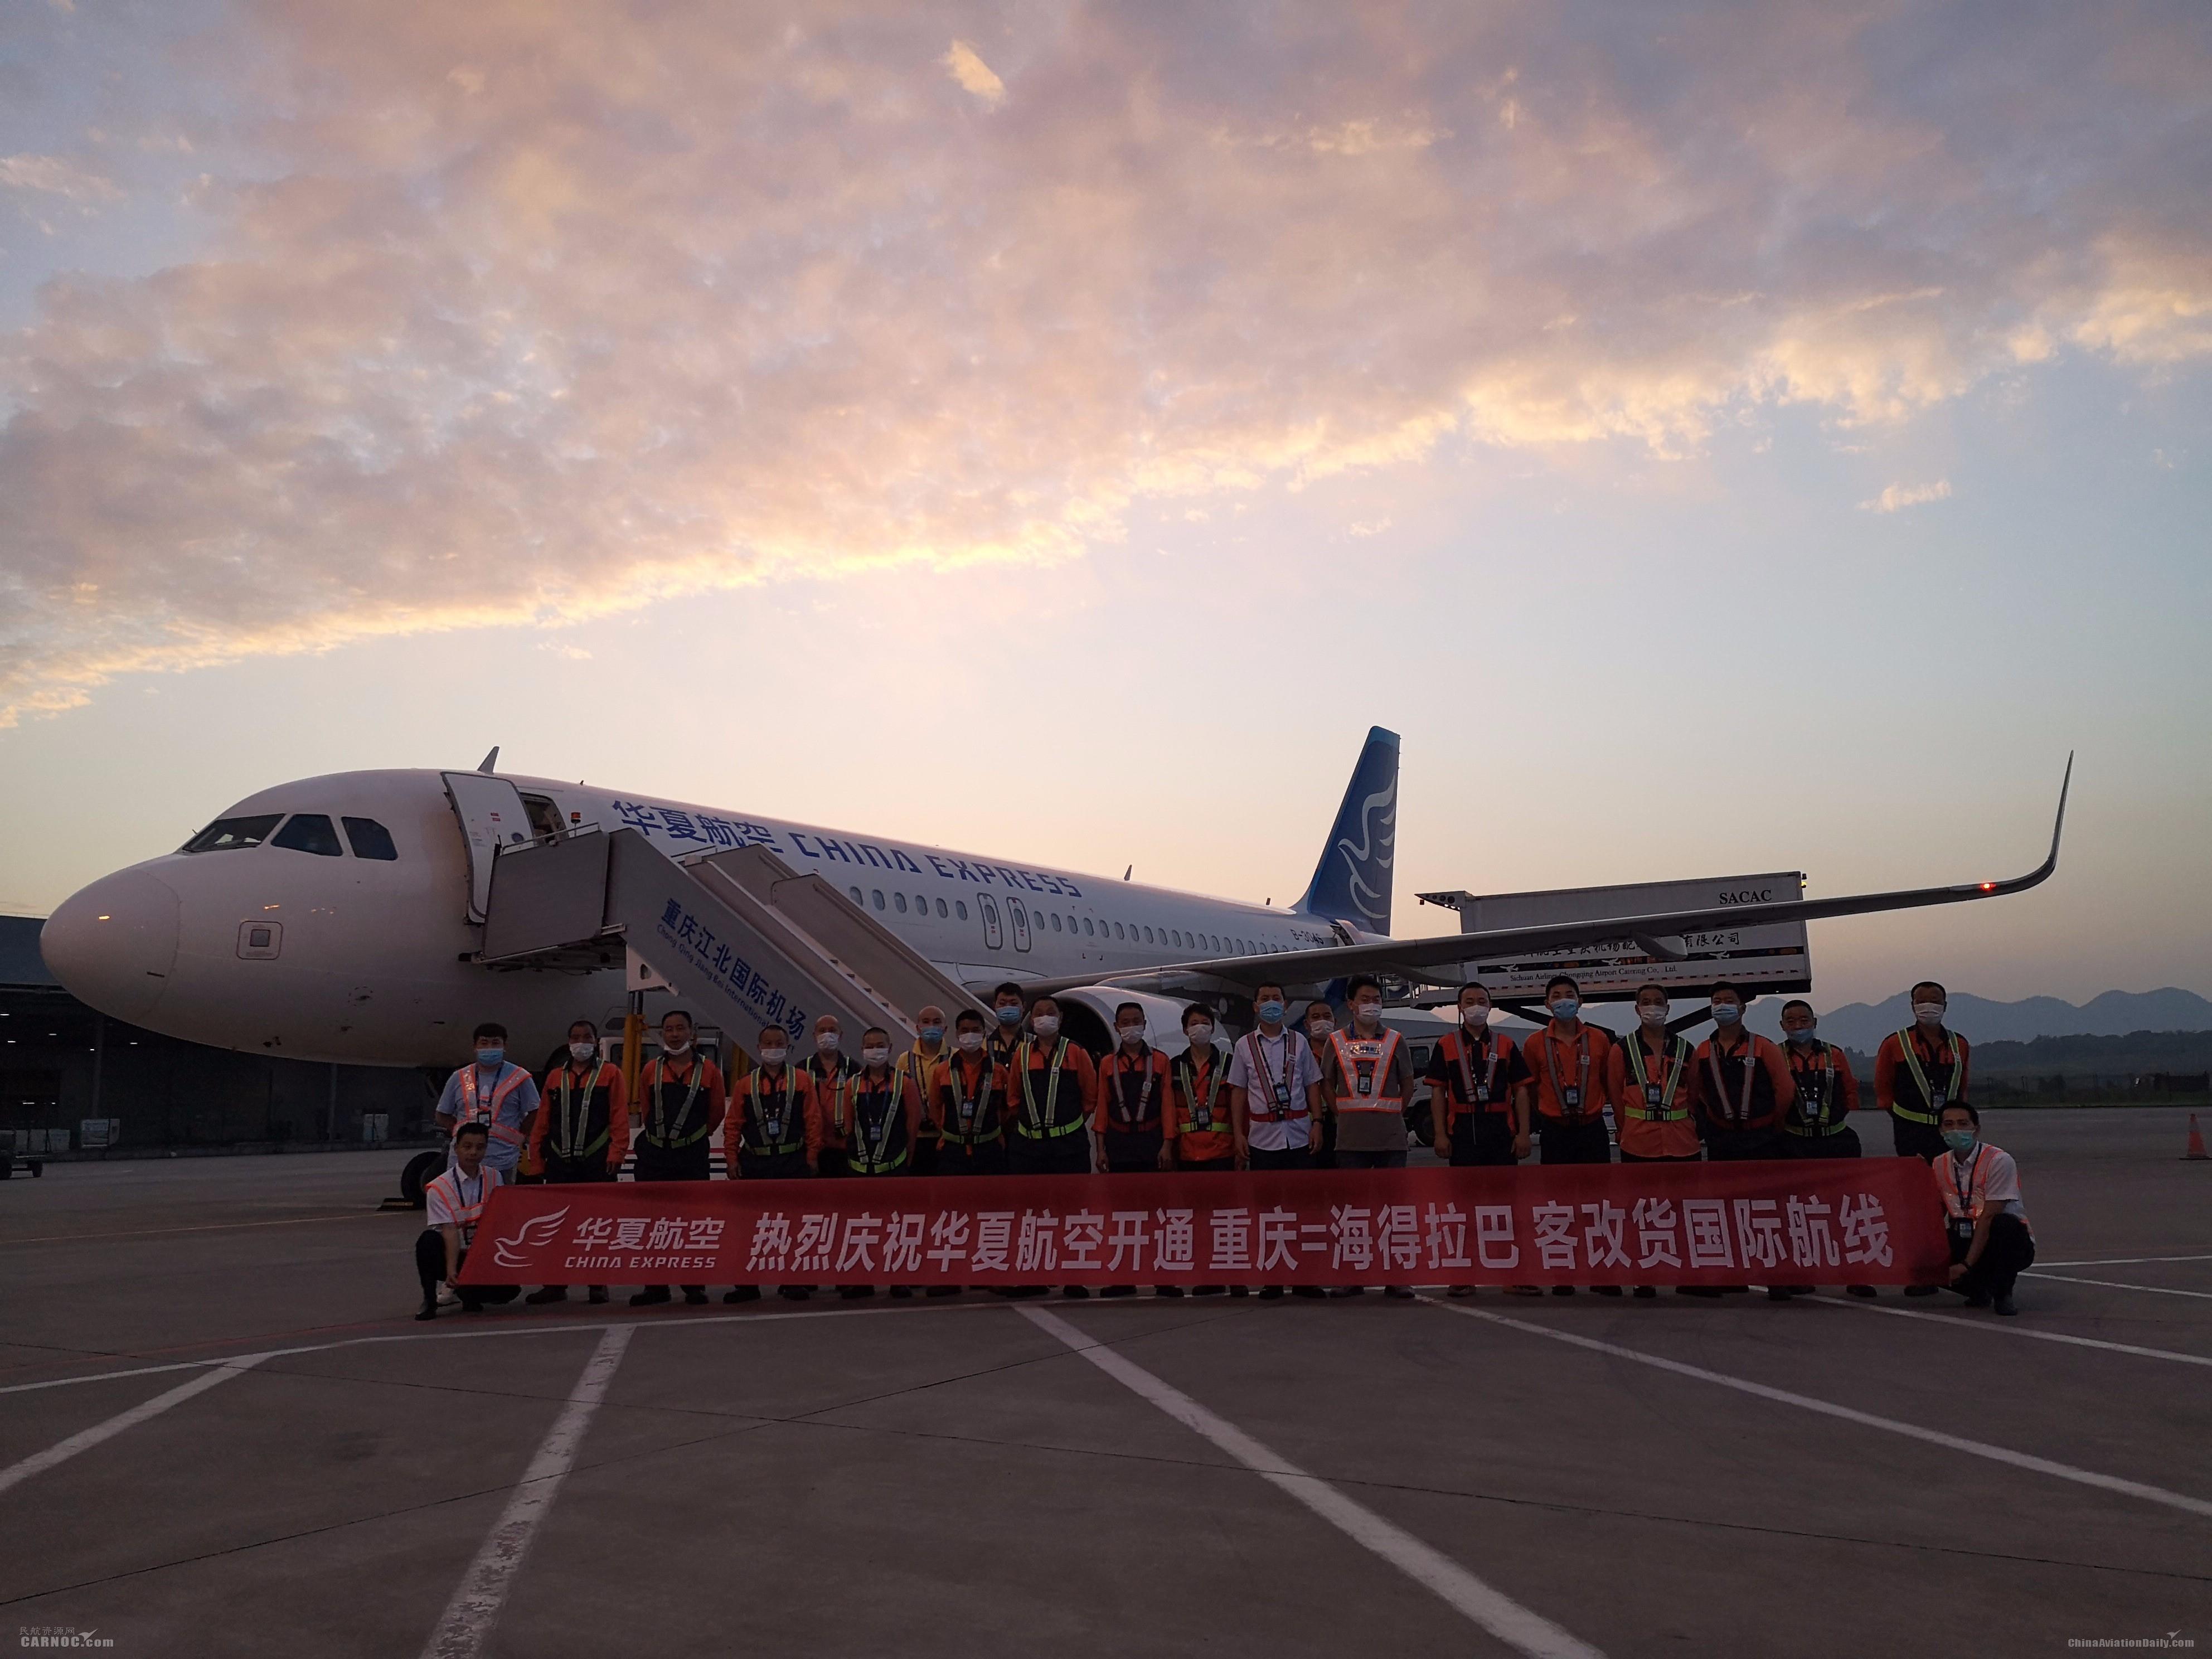 客货齐飞!华夏航空首班全货运国际航班圆满执行